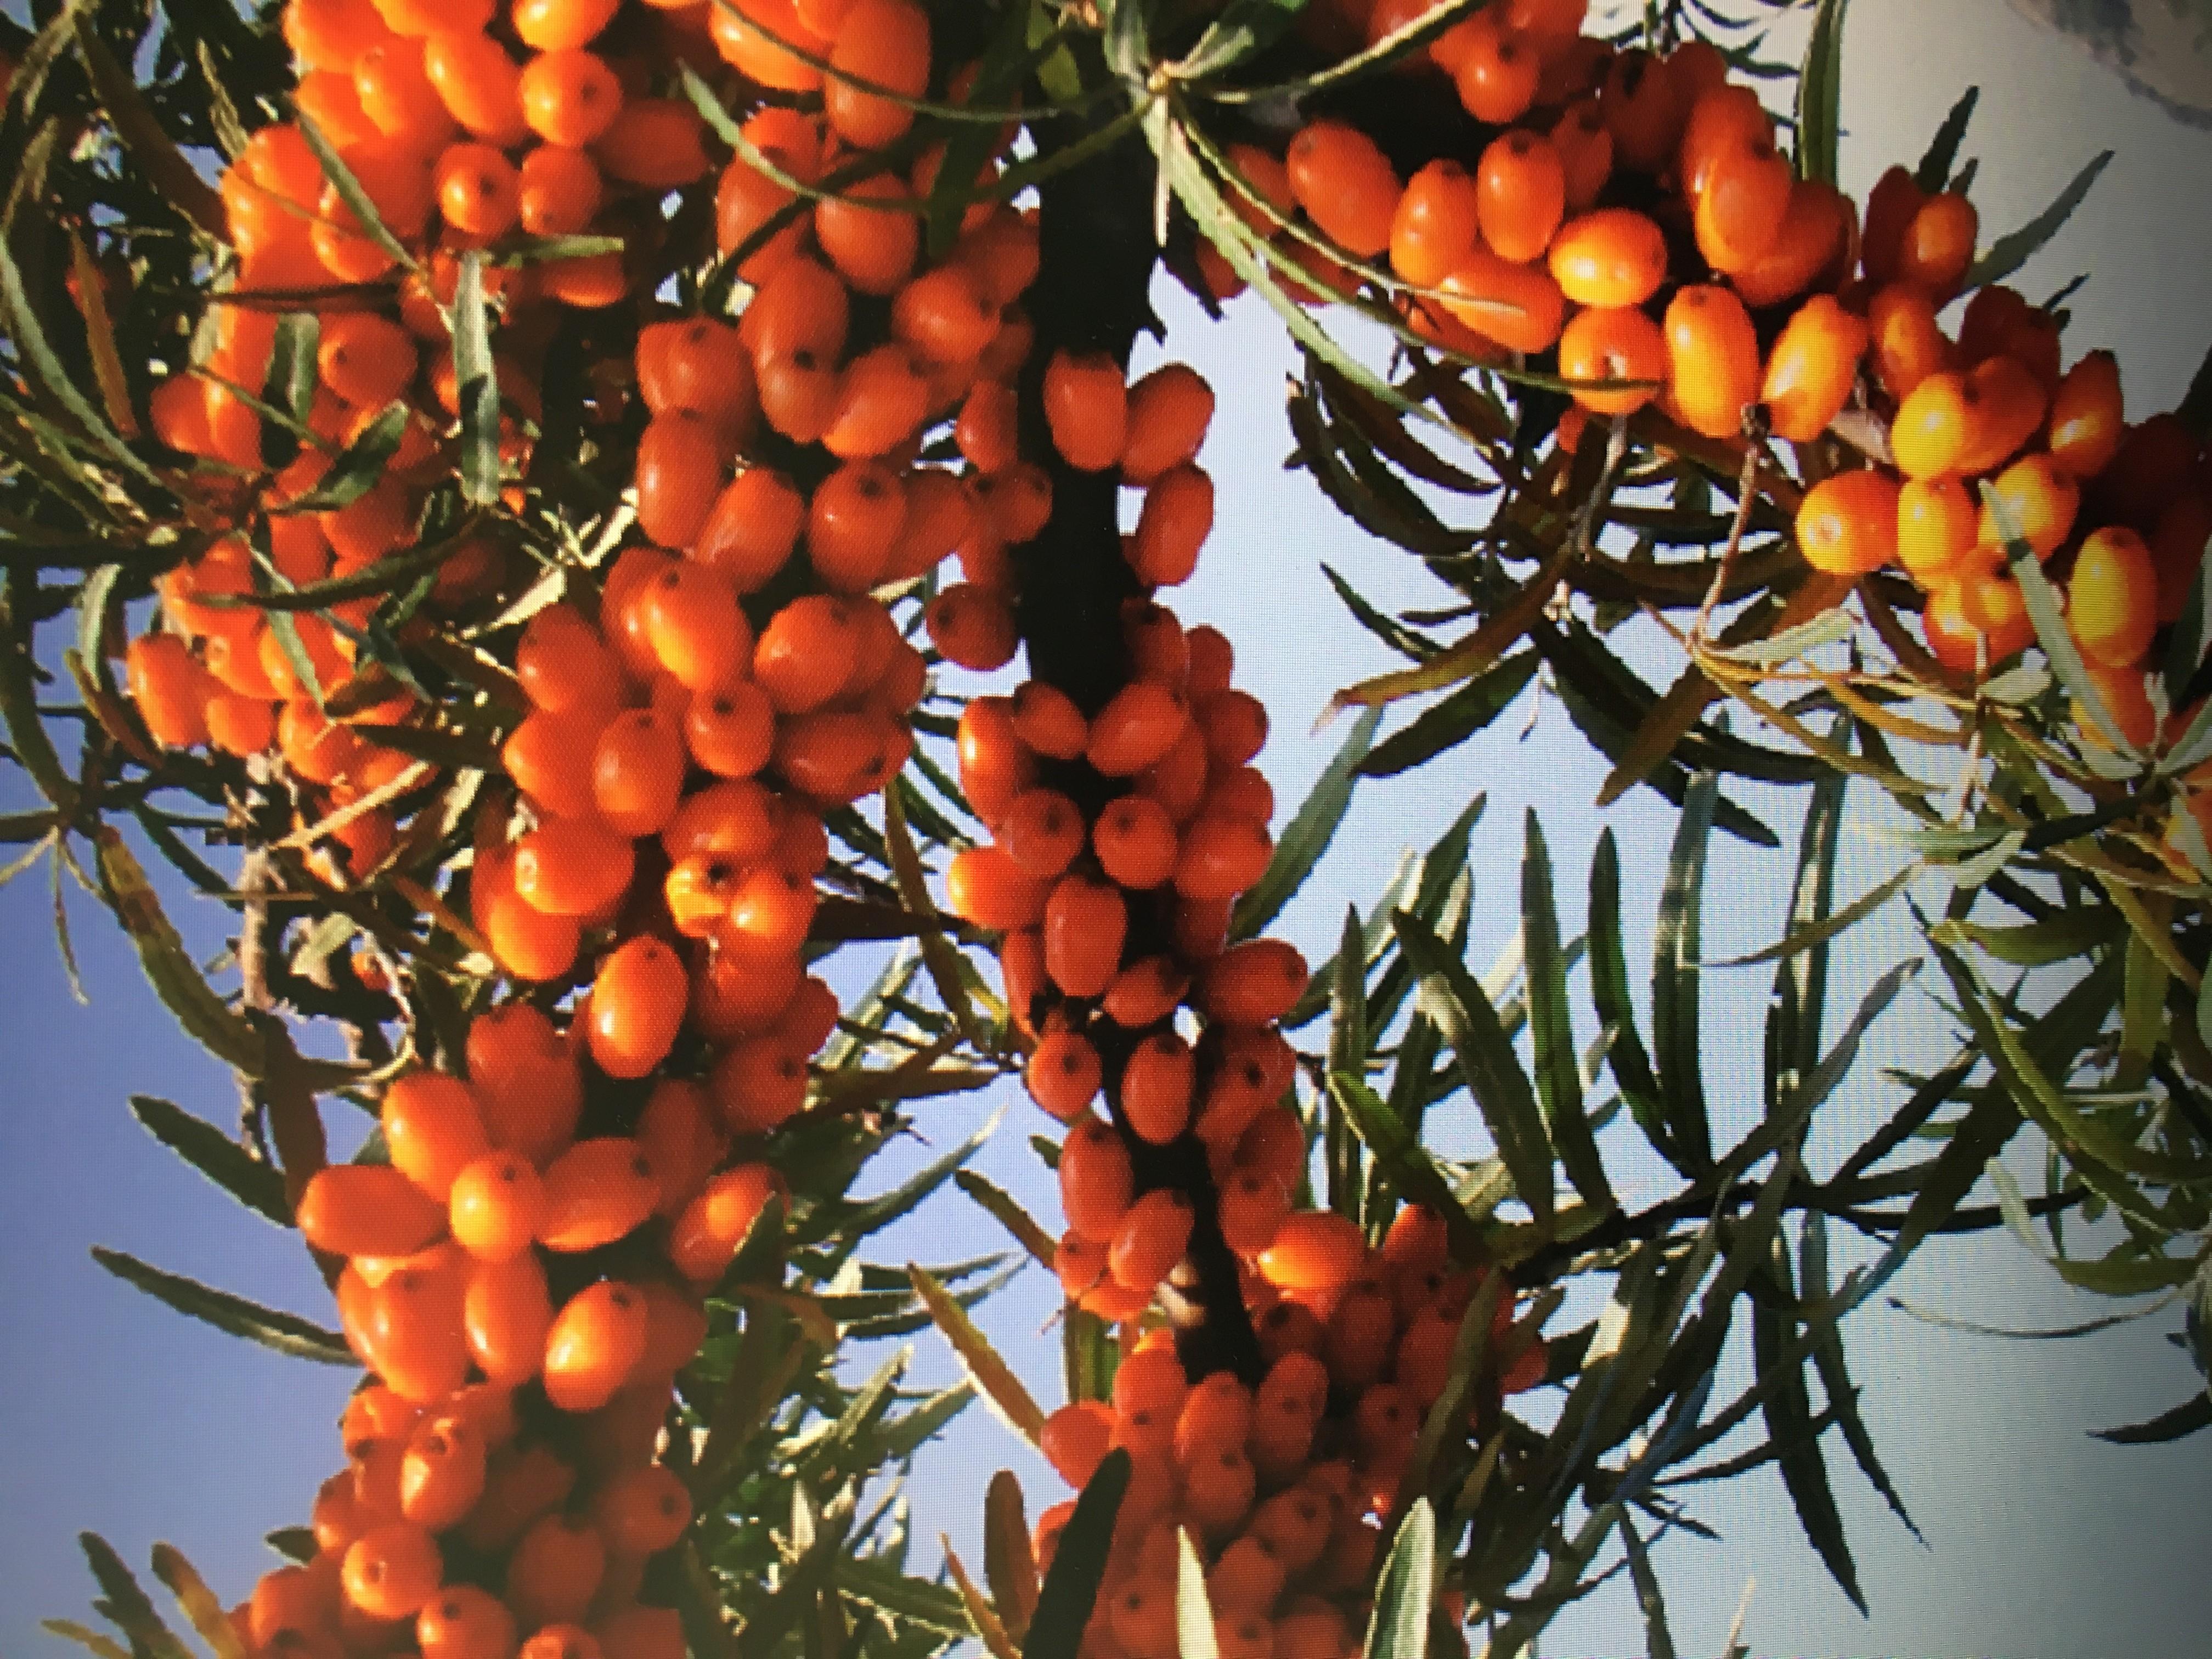 中国学术在线会议_科学网—深秋红大果沙棘丰产照片:沙棘果,沙棘,大果沙棘 ...